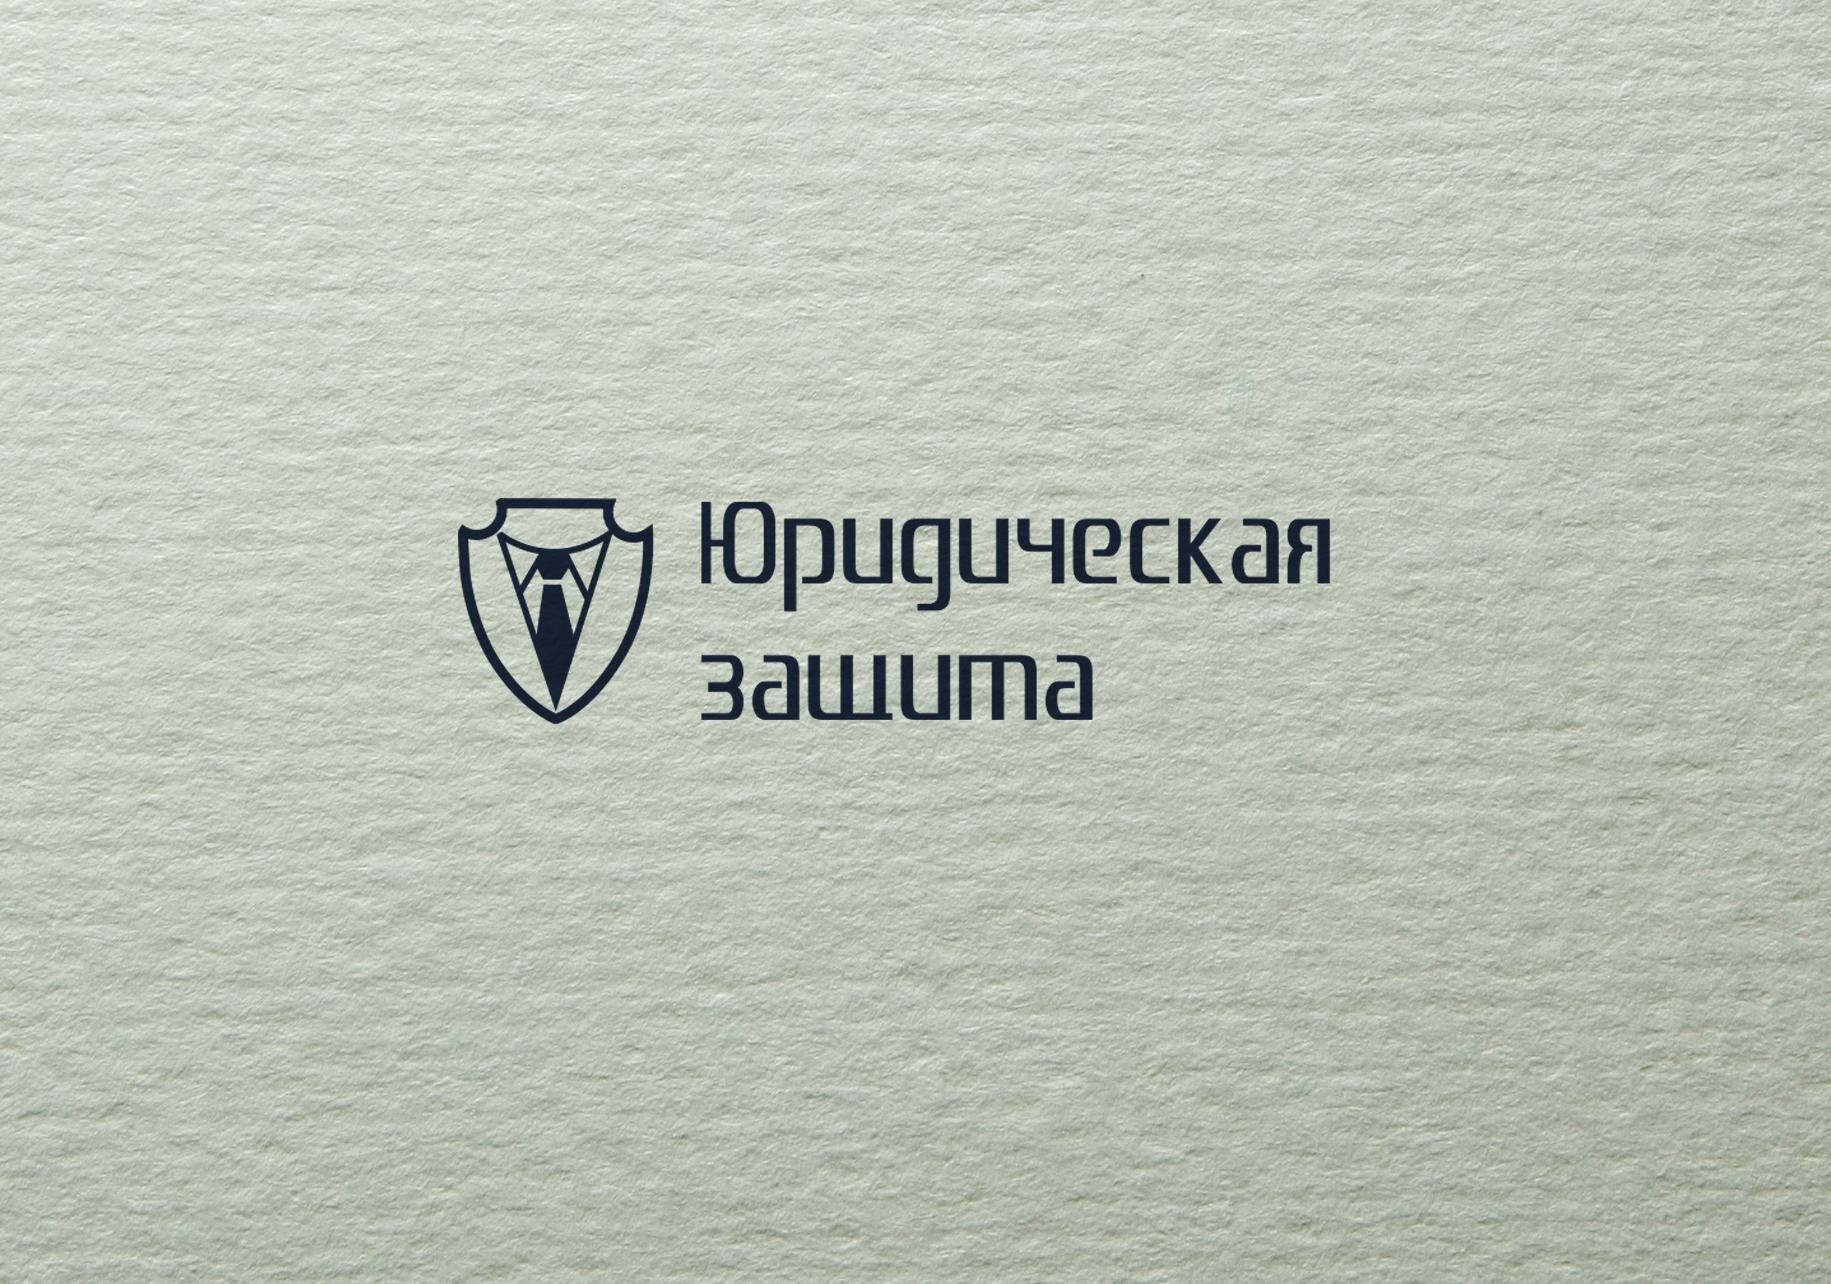 Разработка логотипа для юридической компании фото f_56055e2f5700e3a2.jpg